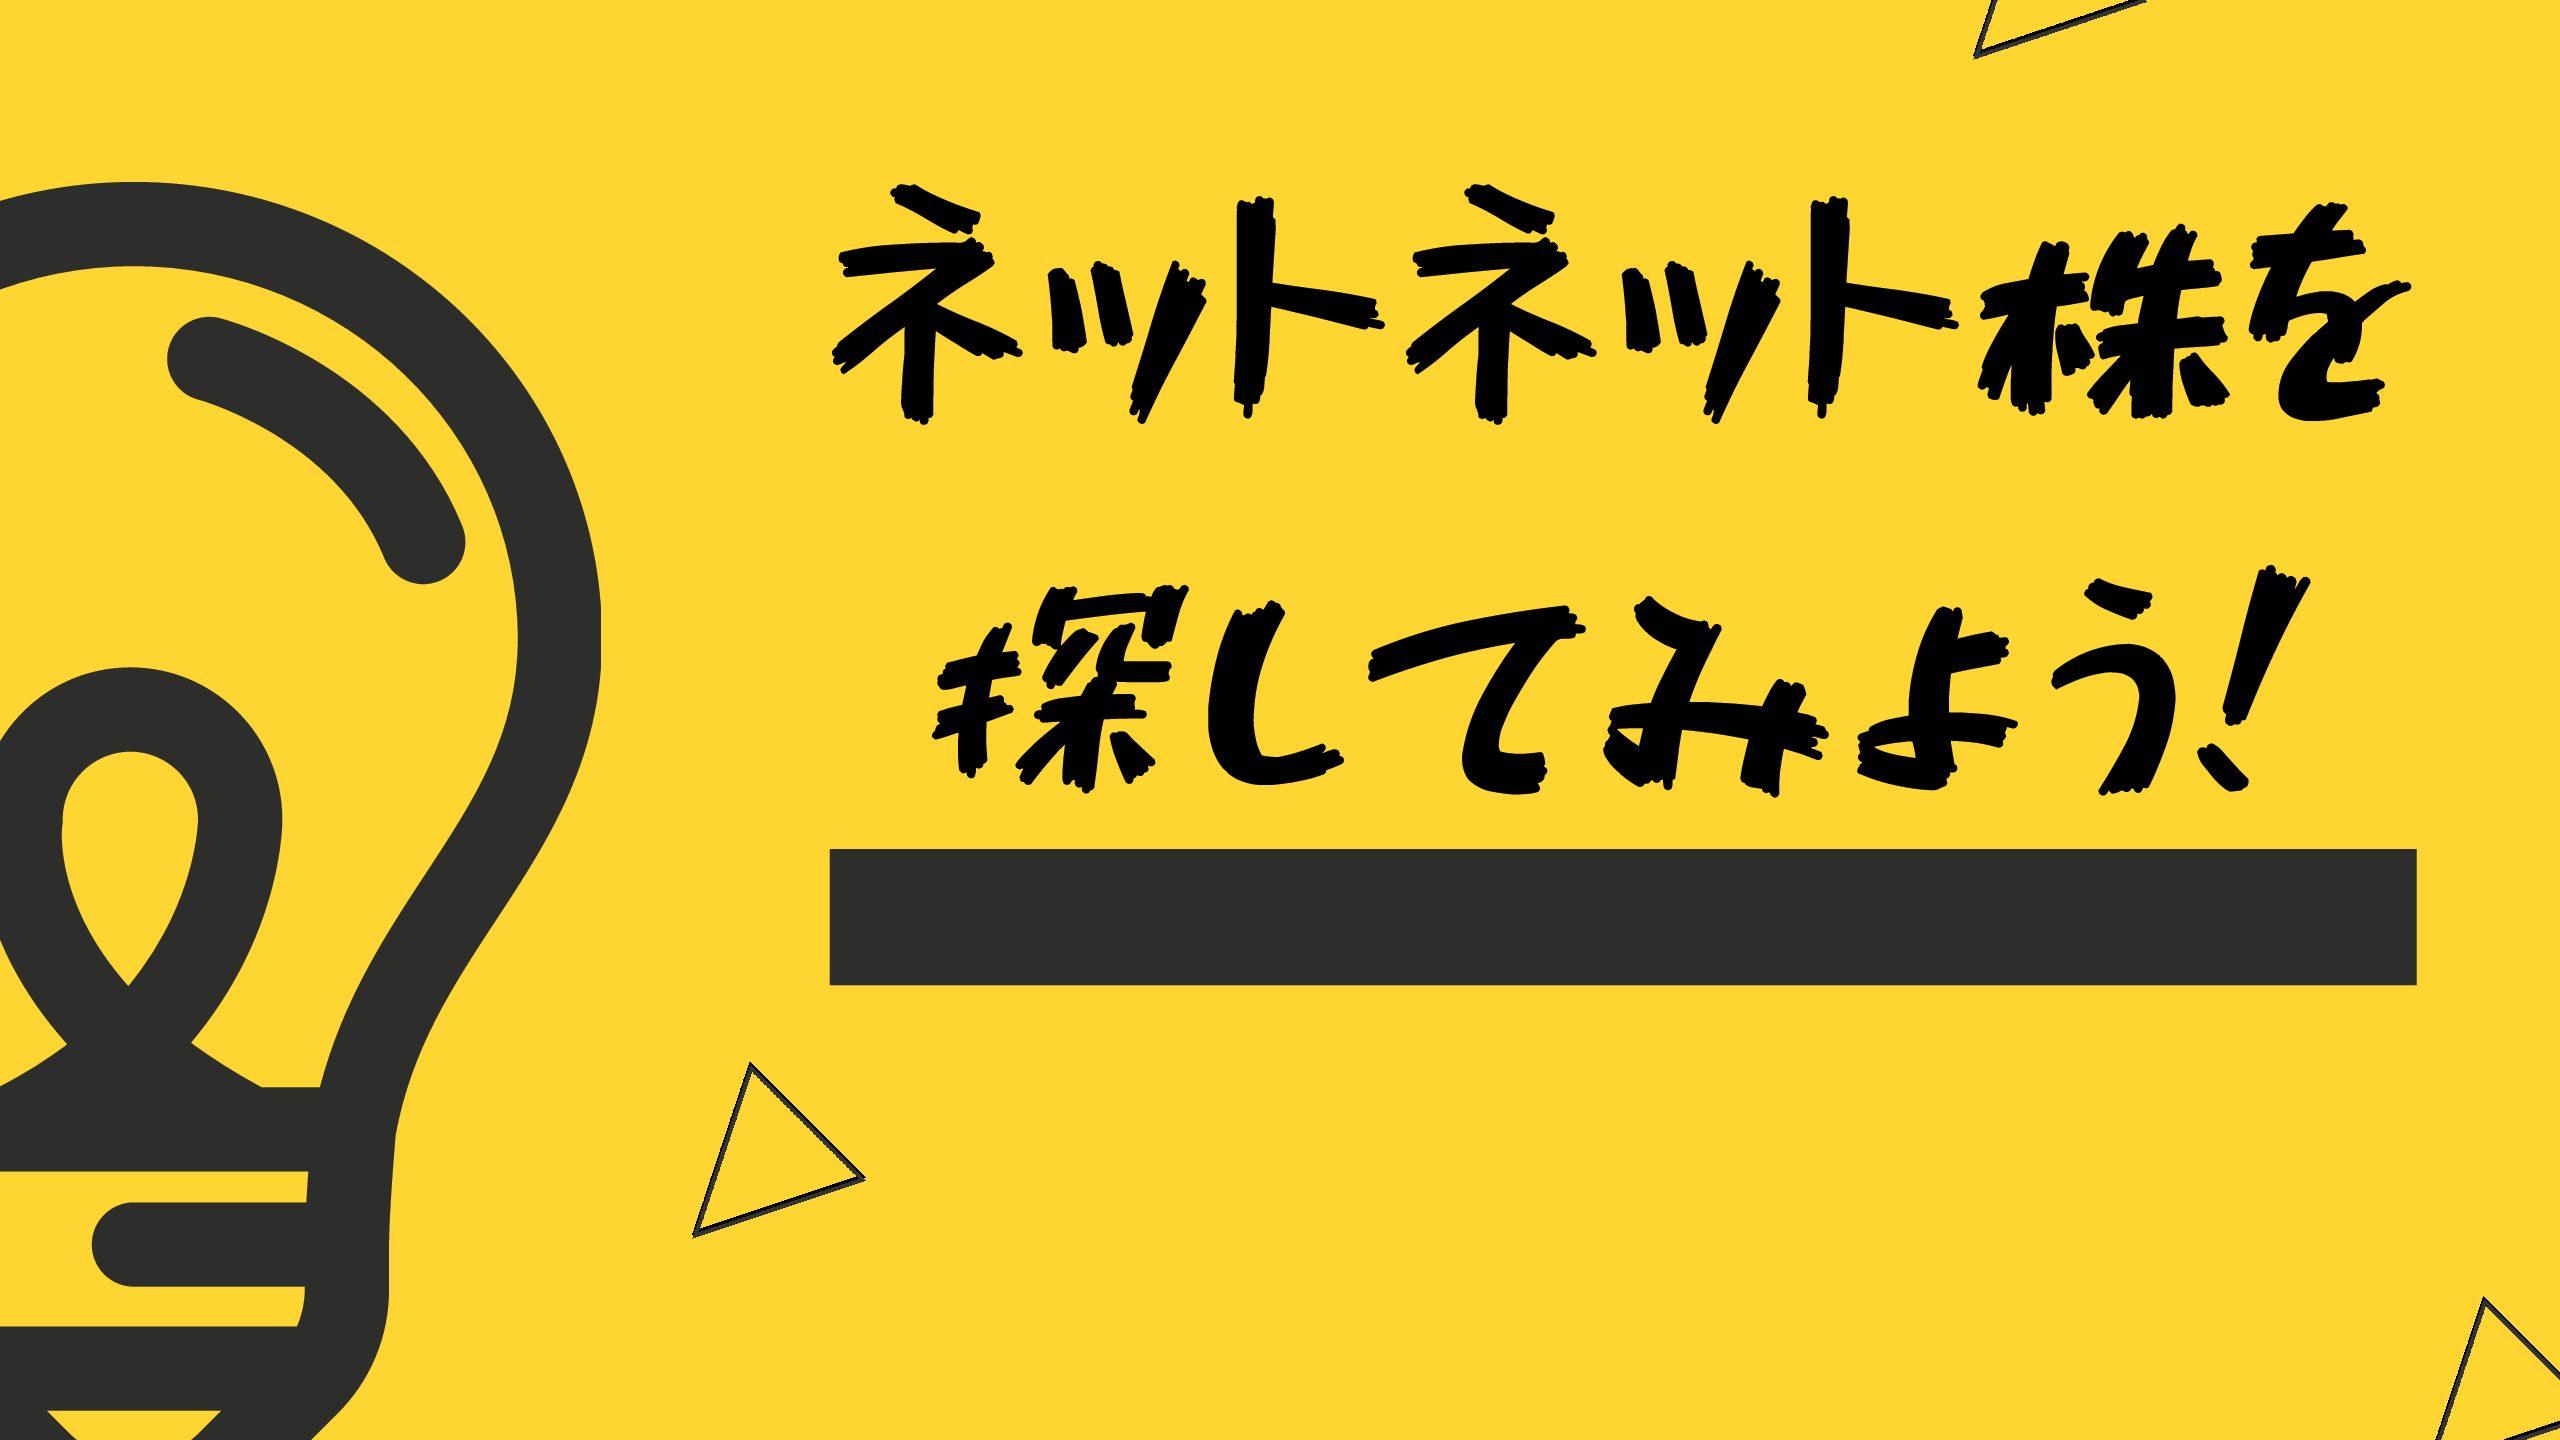 【保存版】ネットネット株(グレアム式)の探し方 マニュアル